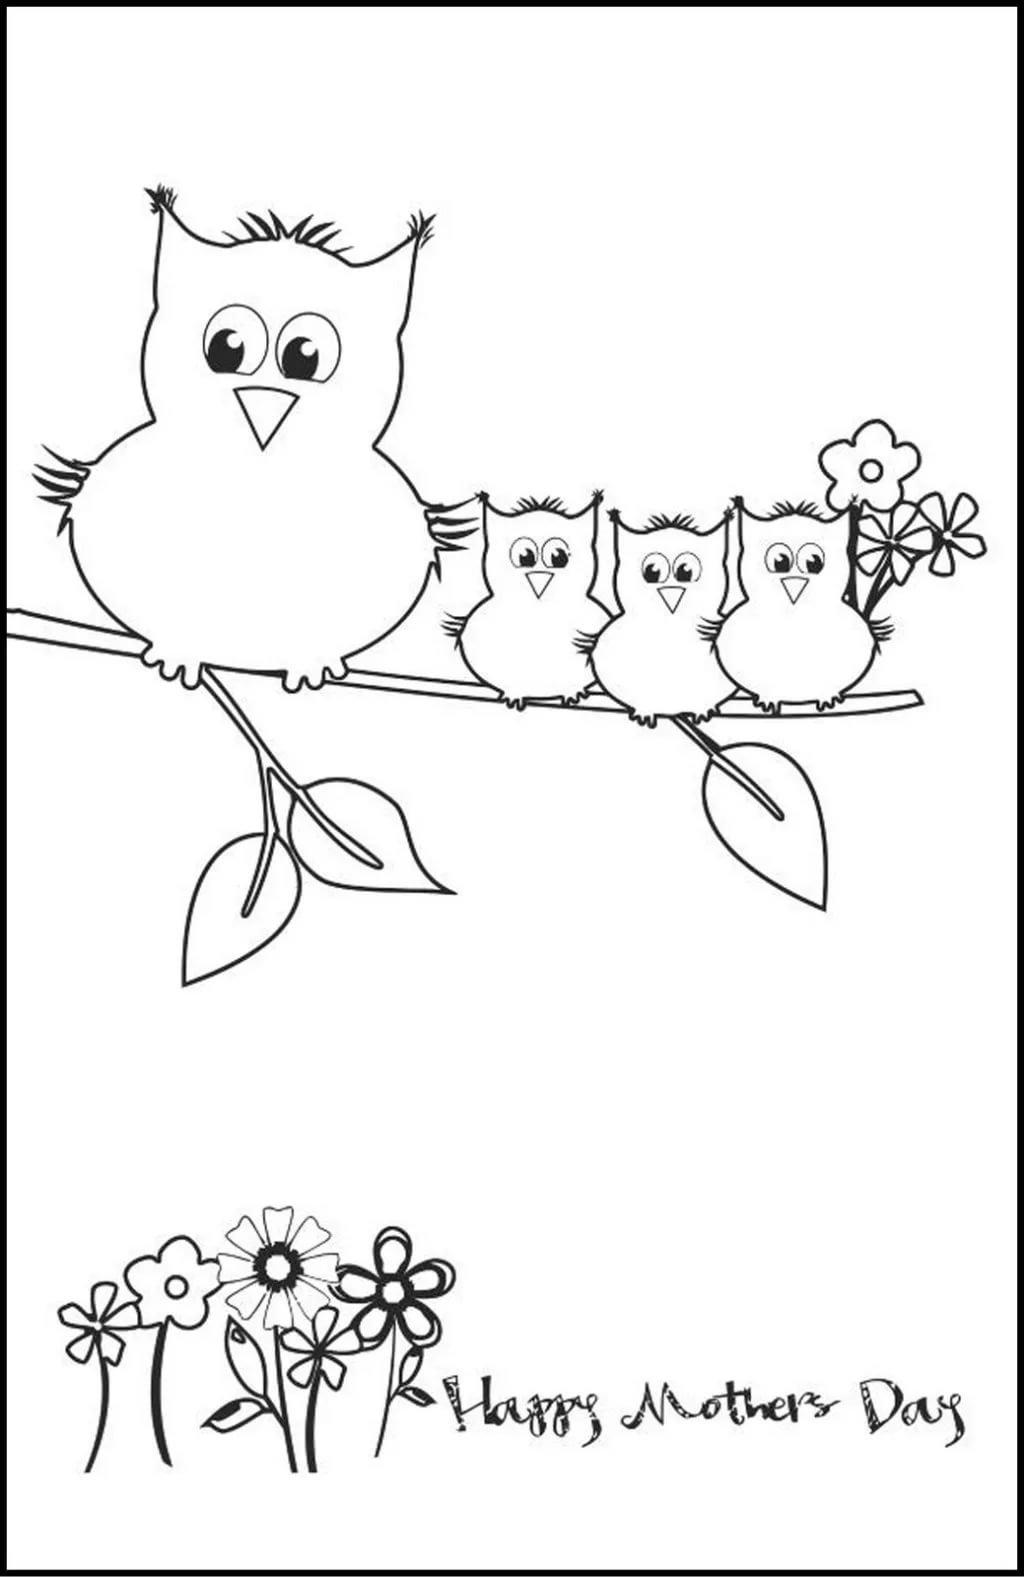 День матери шаблон открытки, клоун картинки доброе